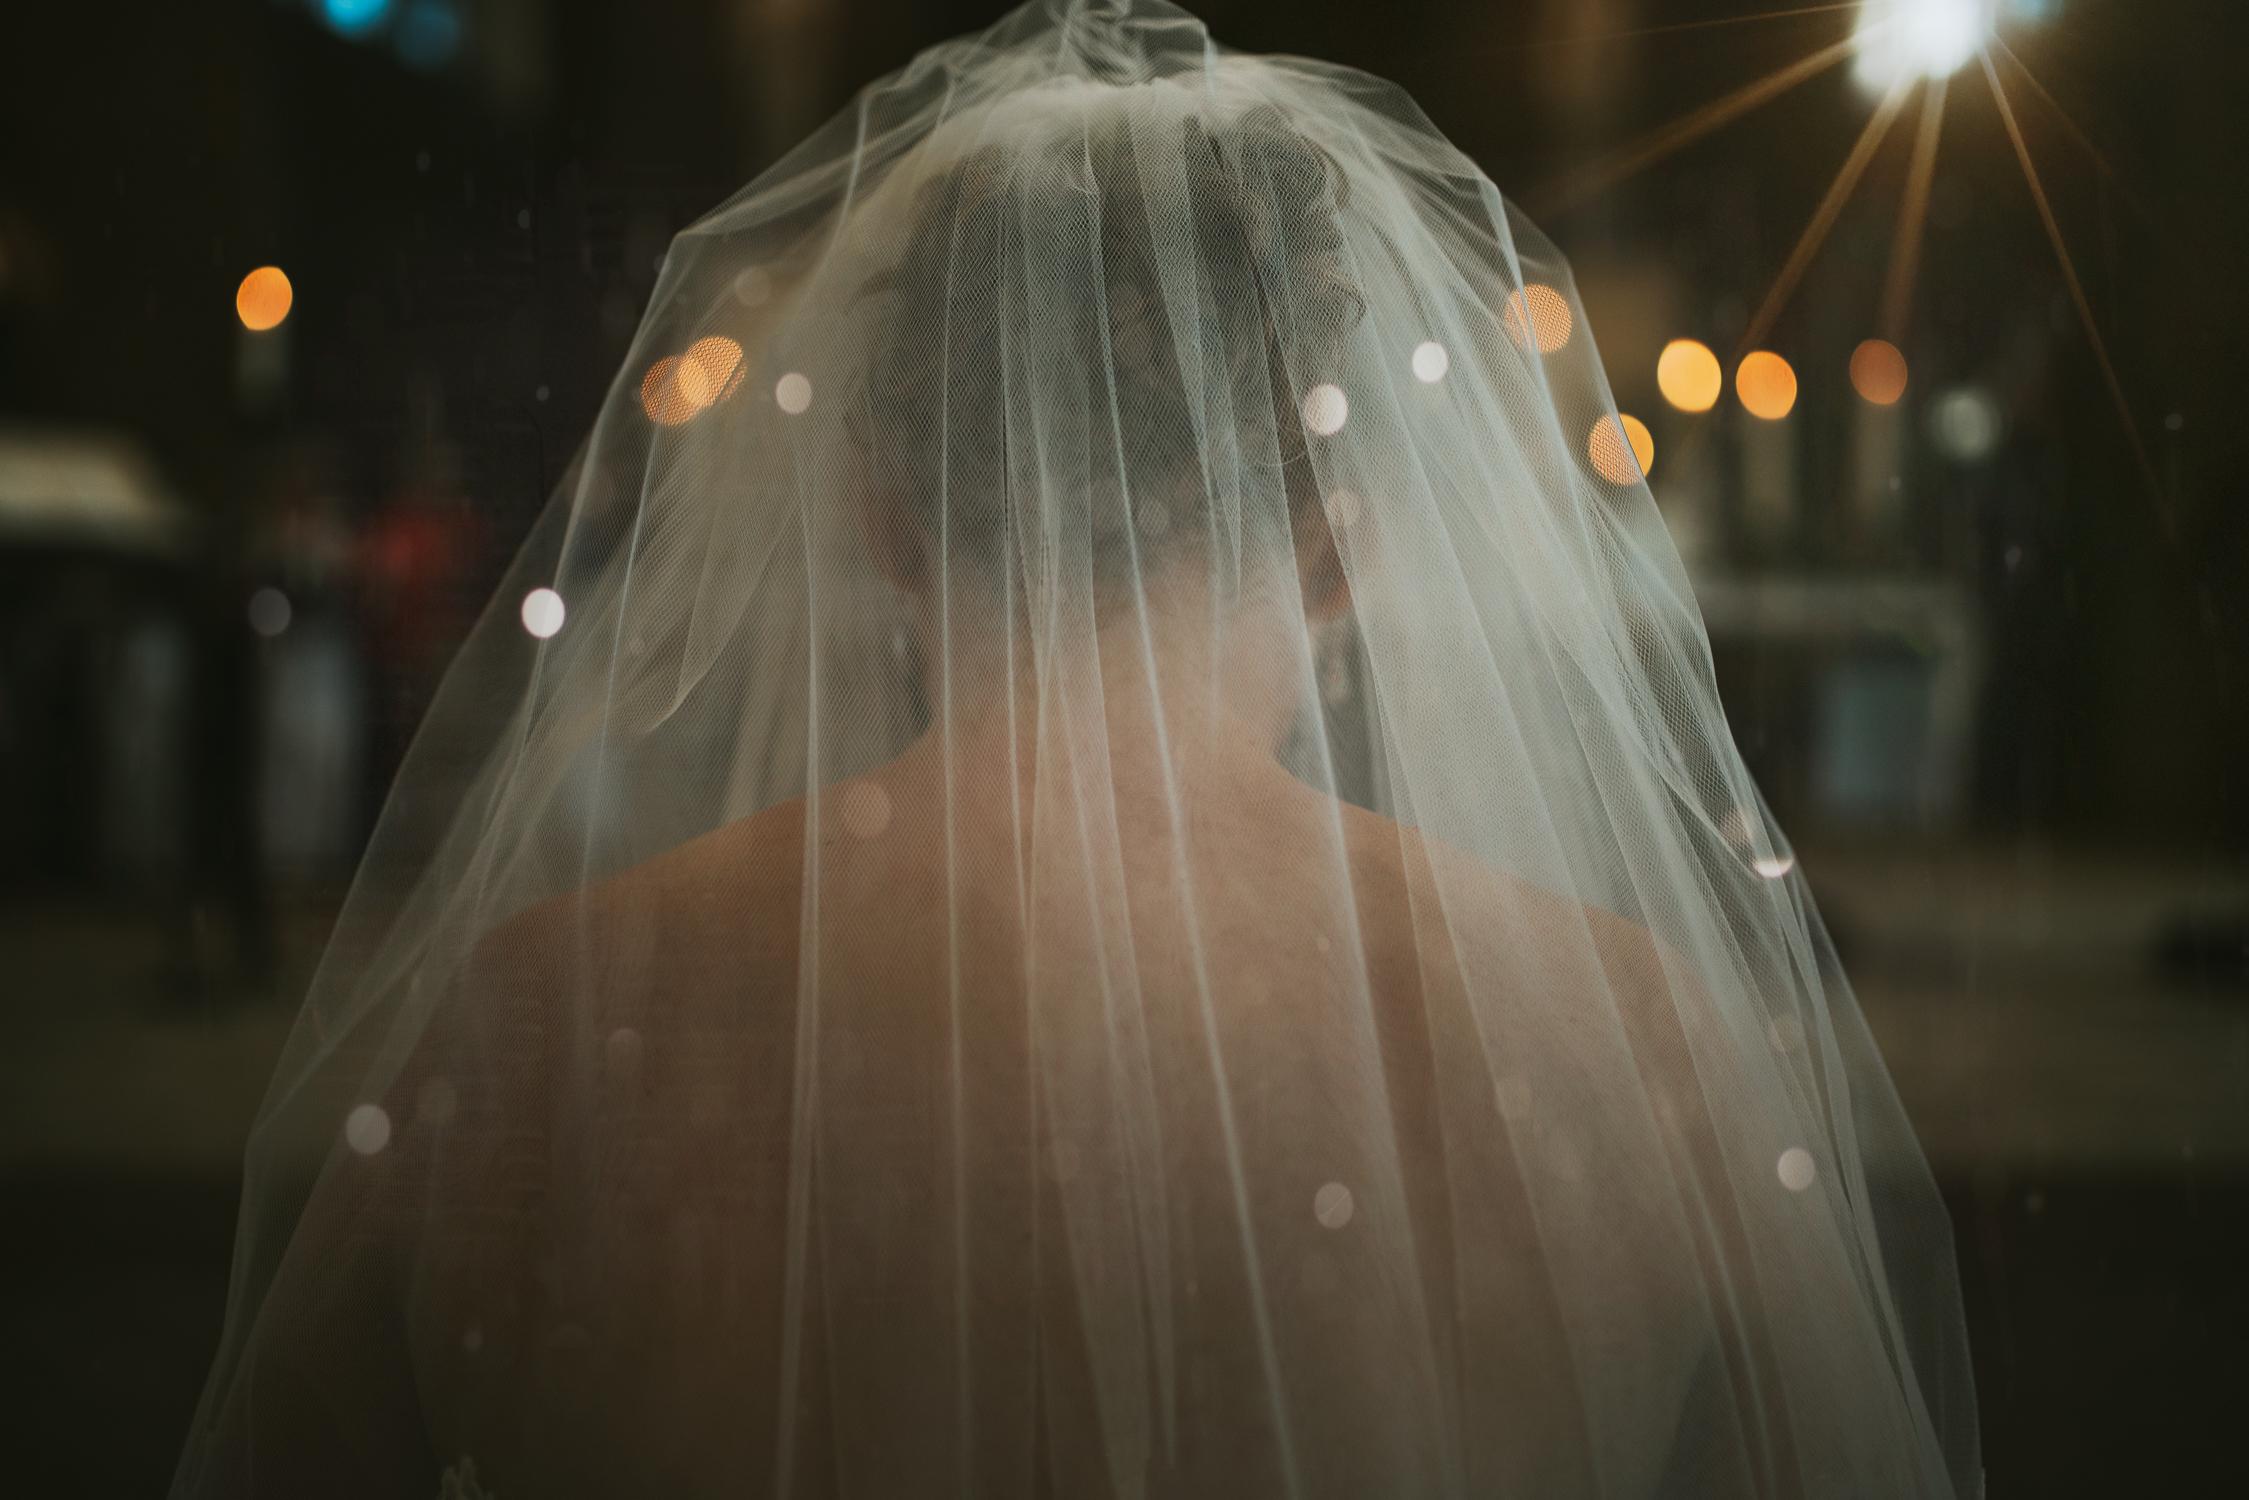 trouwjurk door bruidsfotograaf mark hadden uit amsterdam